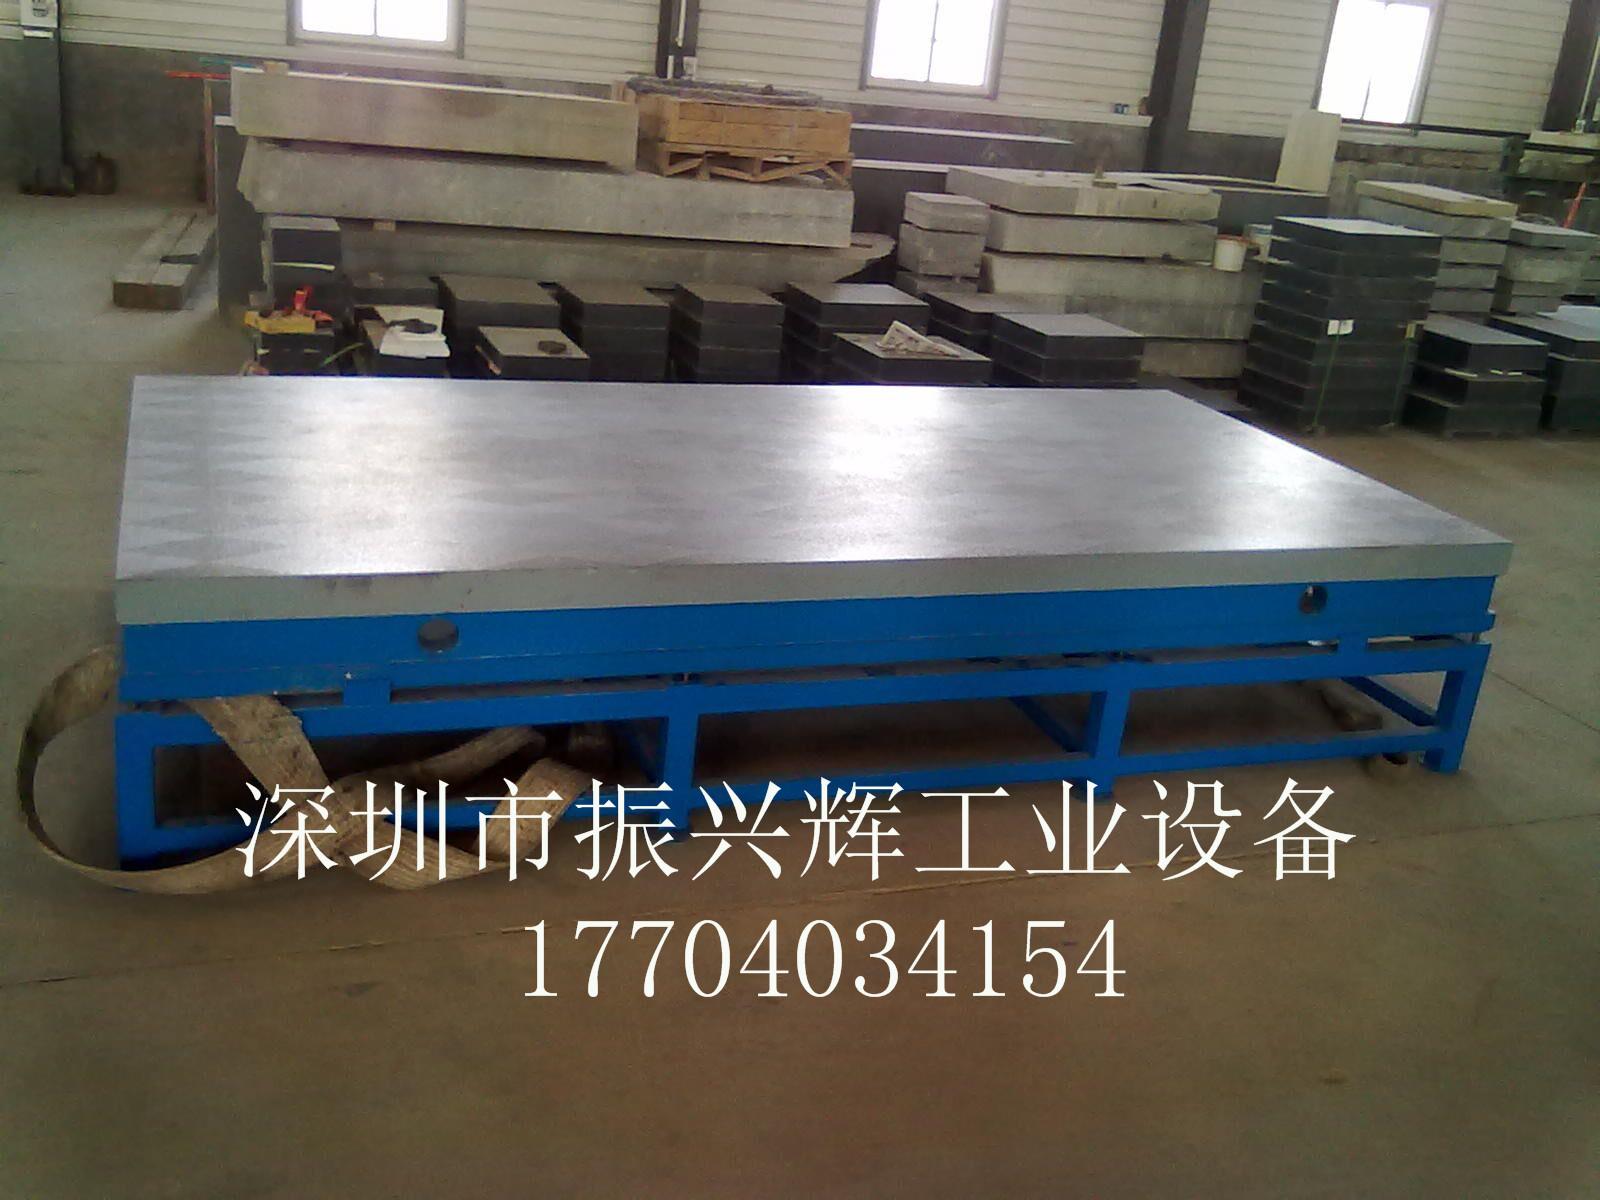 定制铸铁钳工平台 厂家铸铁钳工平台价格 - 中国供应商